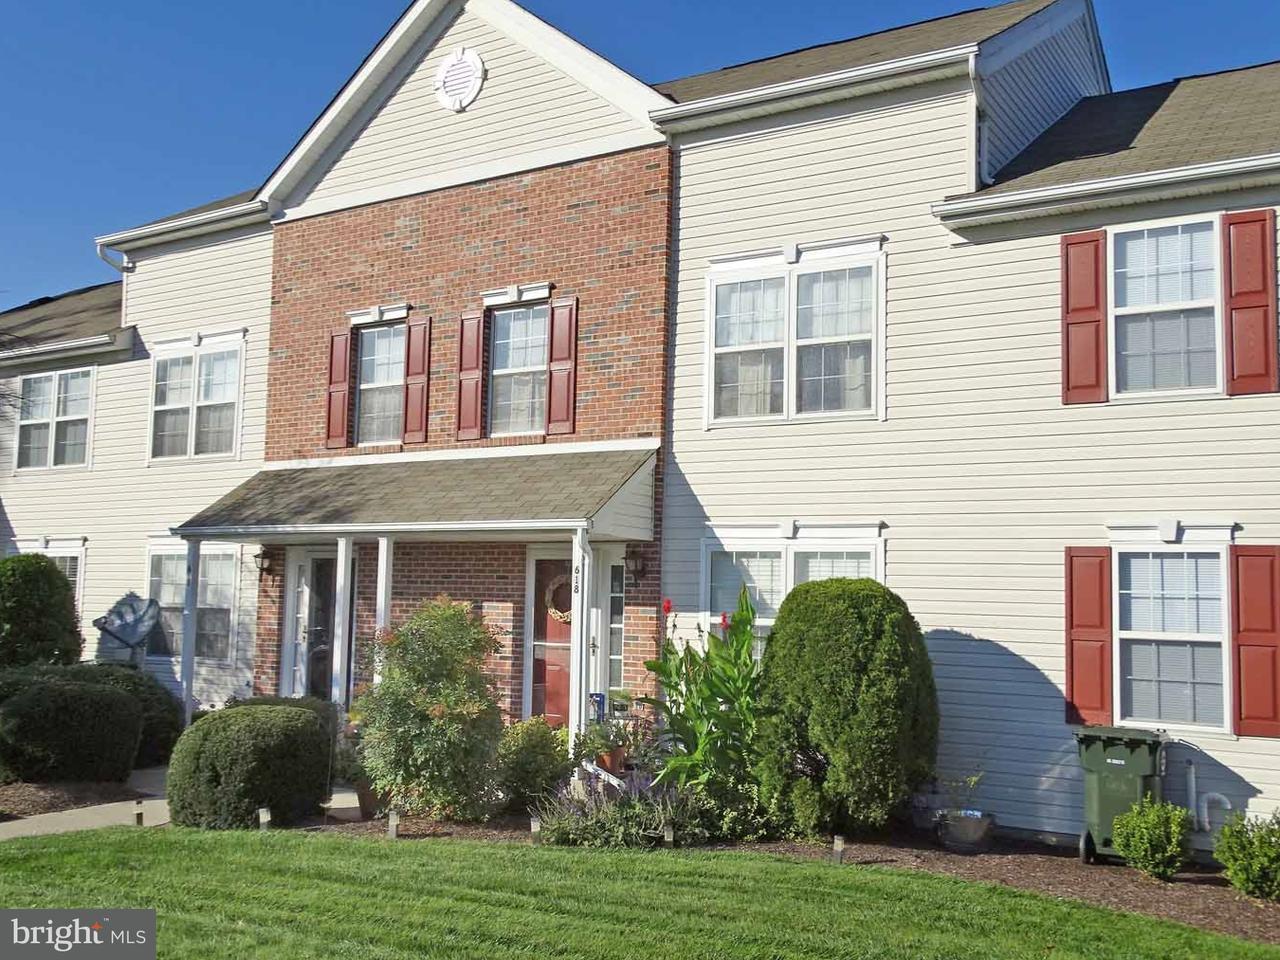 Condominium for Rent at 618 SONGBIRD CT #177 Warrington, Pennsylvania 18976 United States